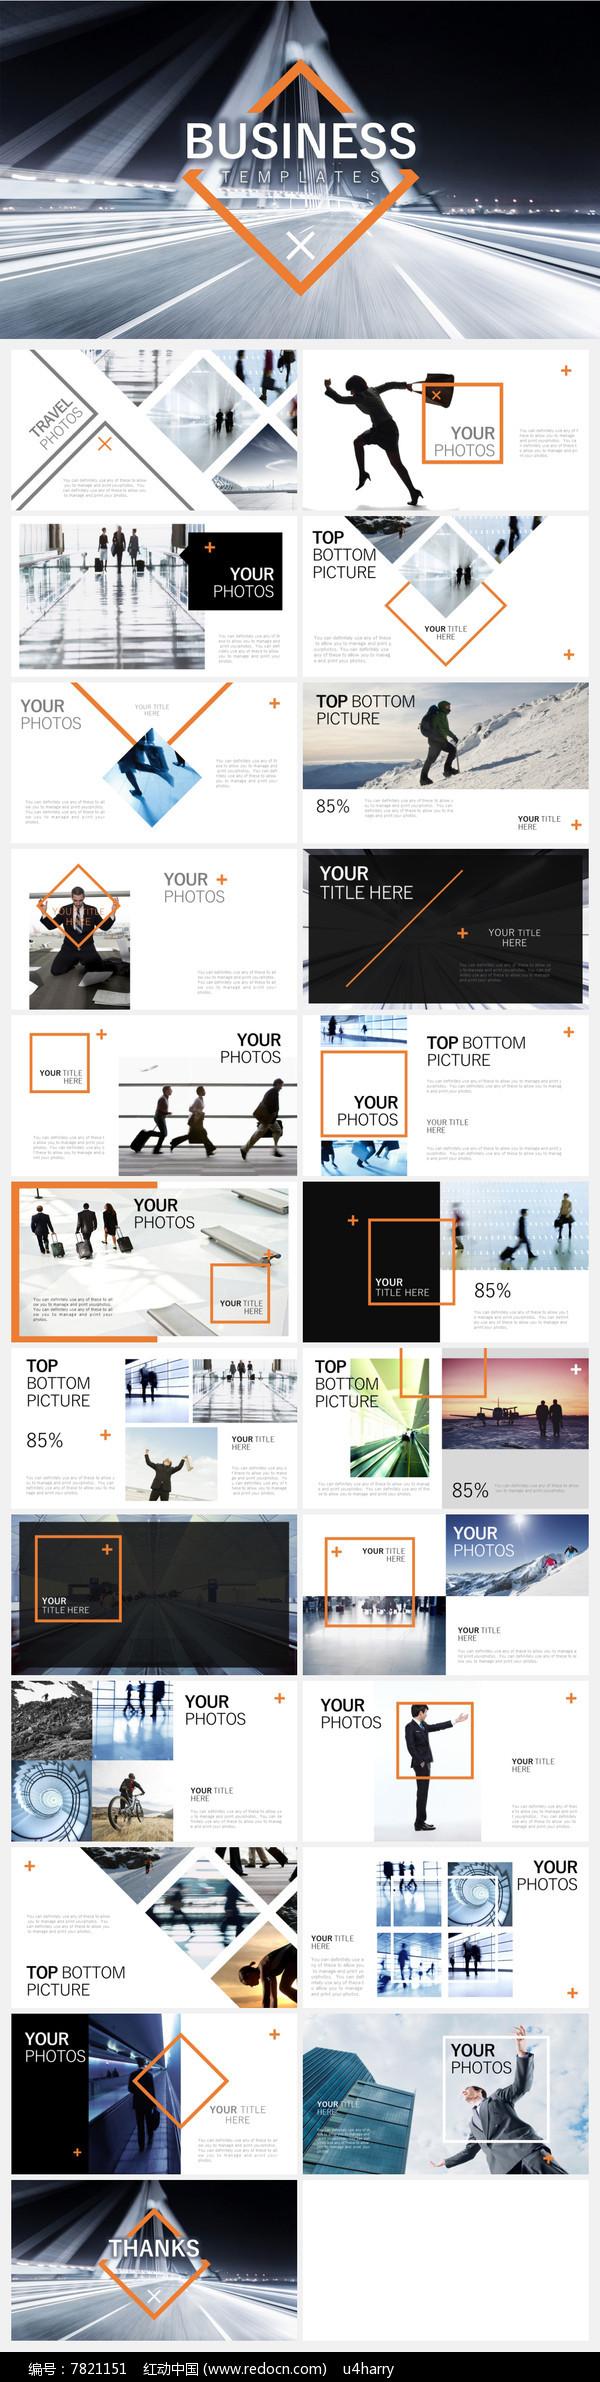 欧美时尚大气画册风格排版商务PPT模板图片